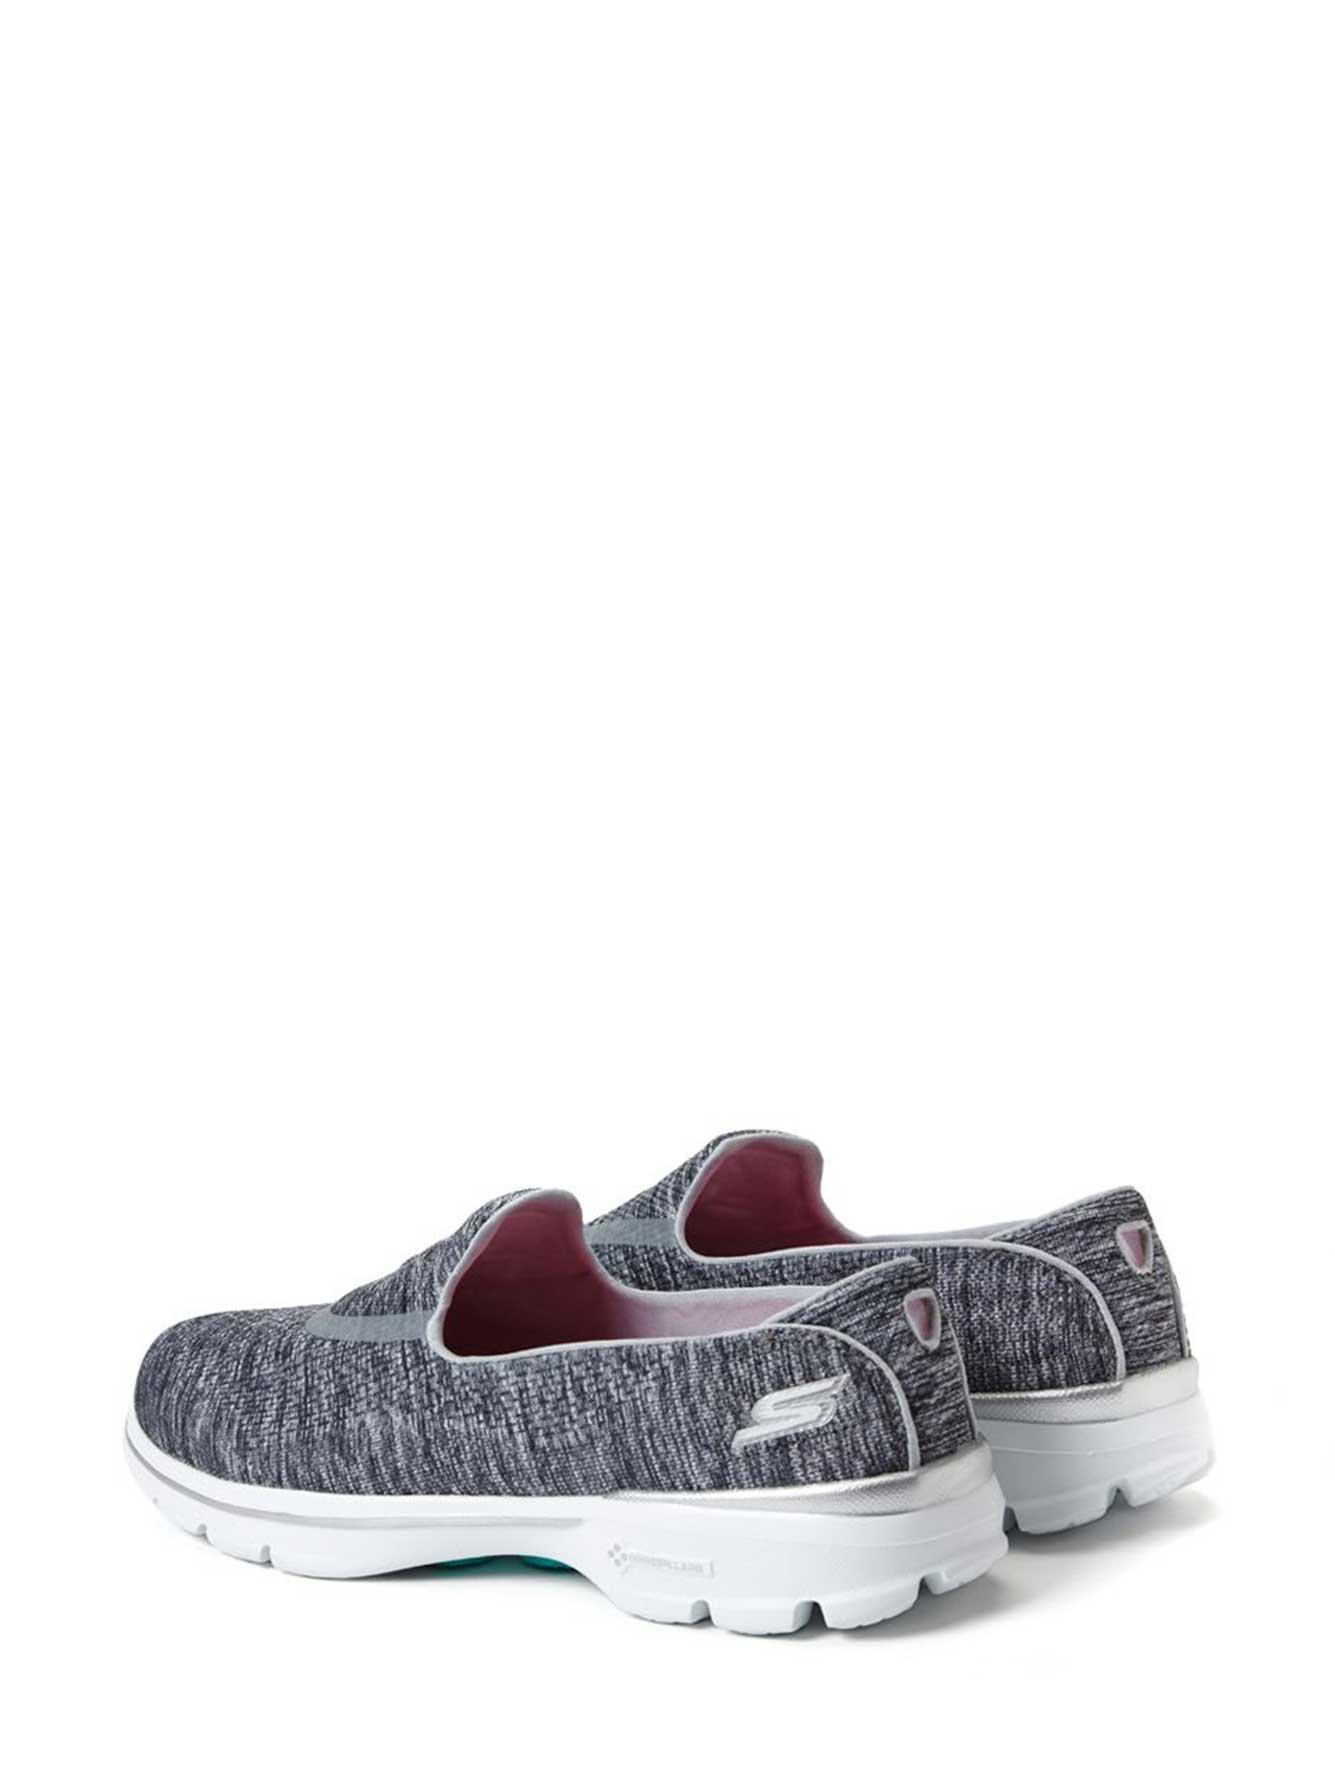 skechers chaussures de marche go walk pieds larges penningtons. Black Bedroom Furniture Sets. Home Design Ideas